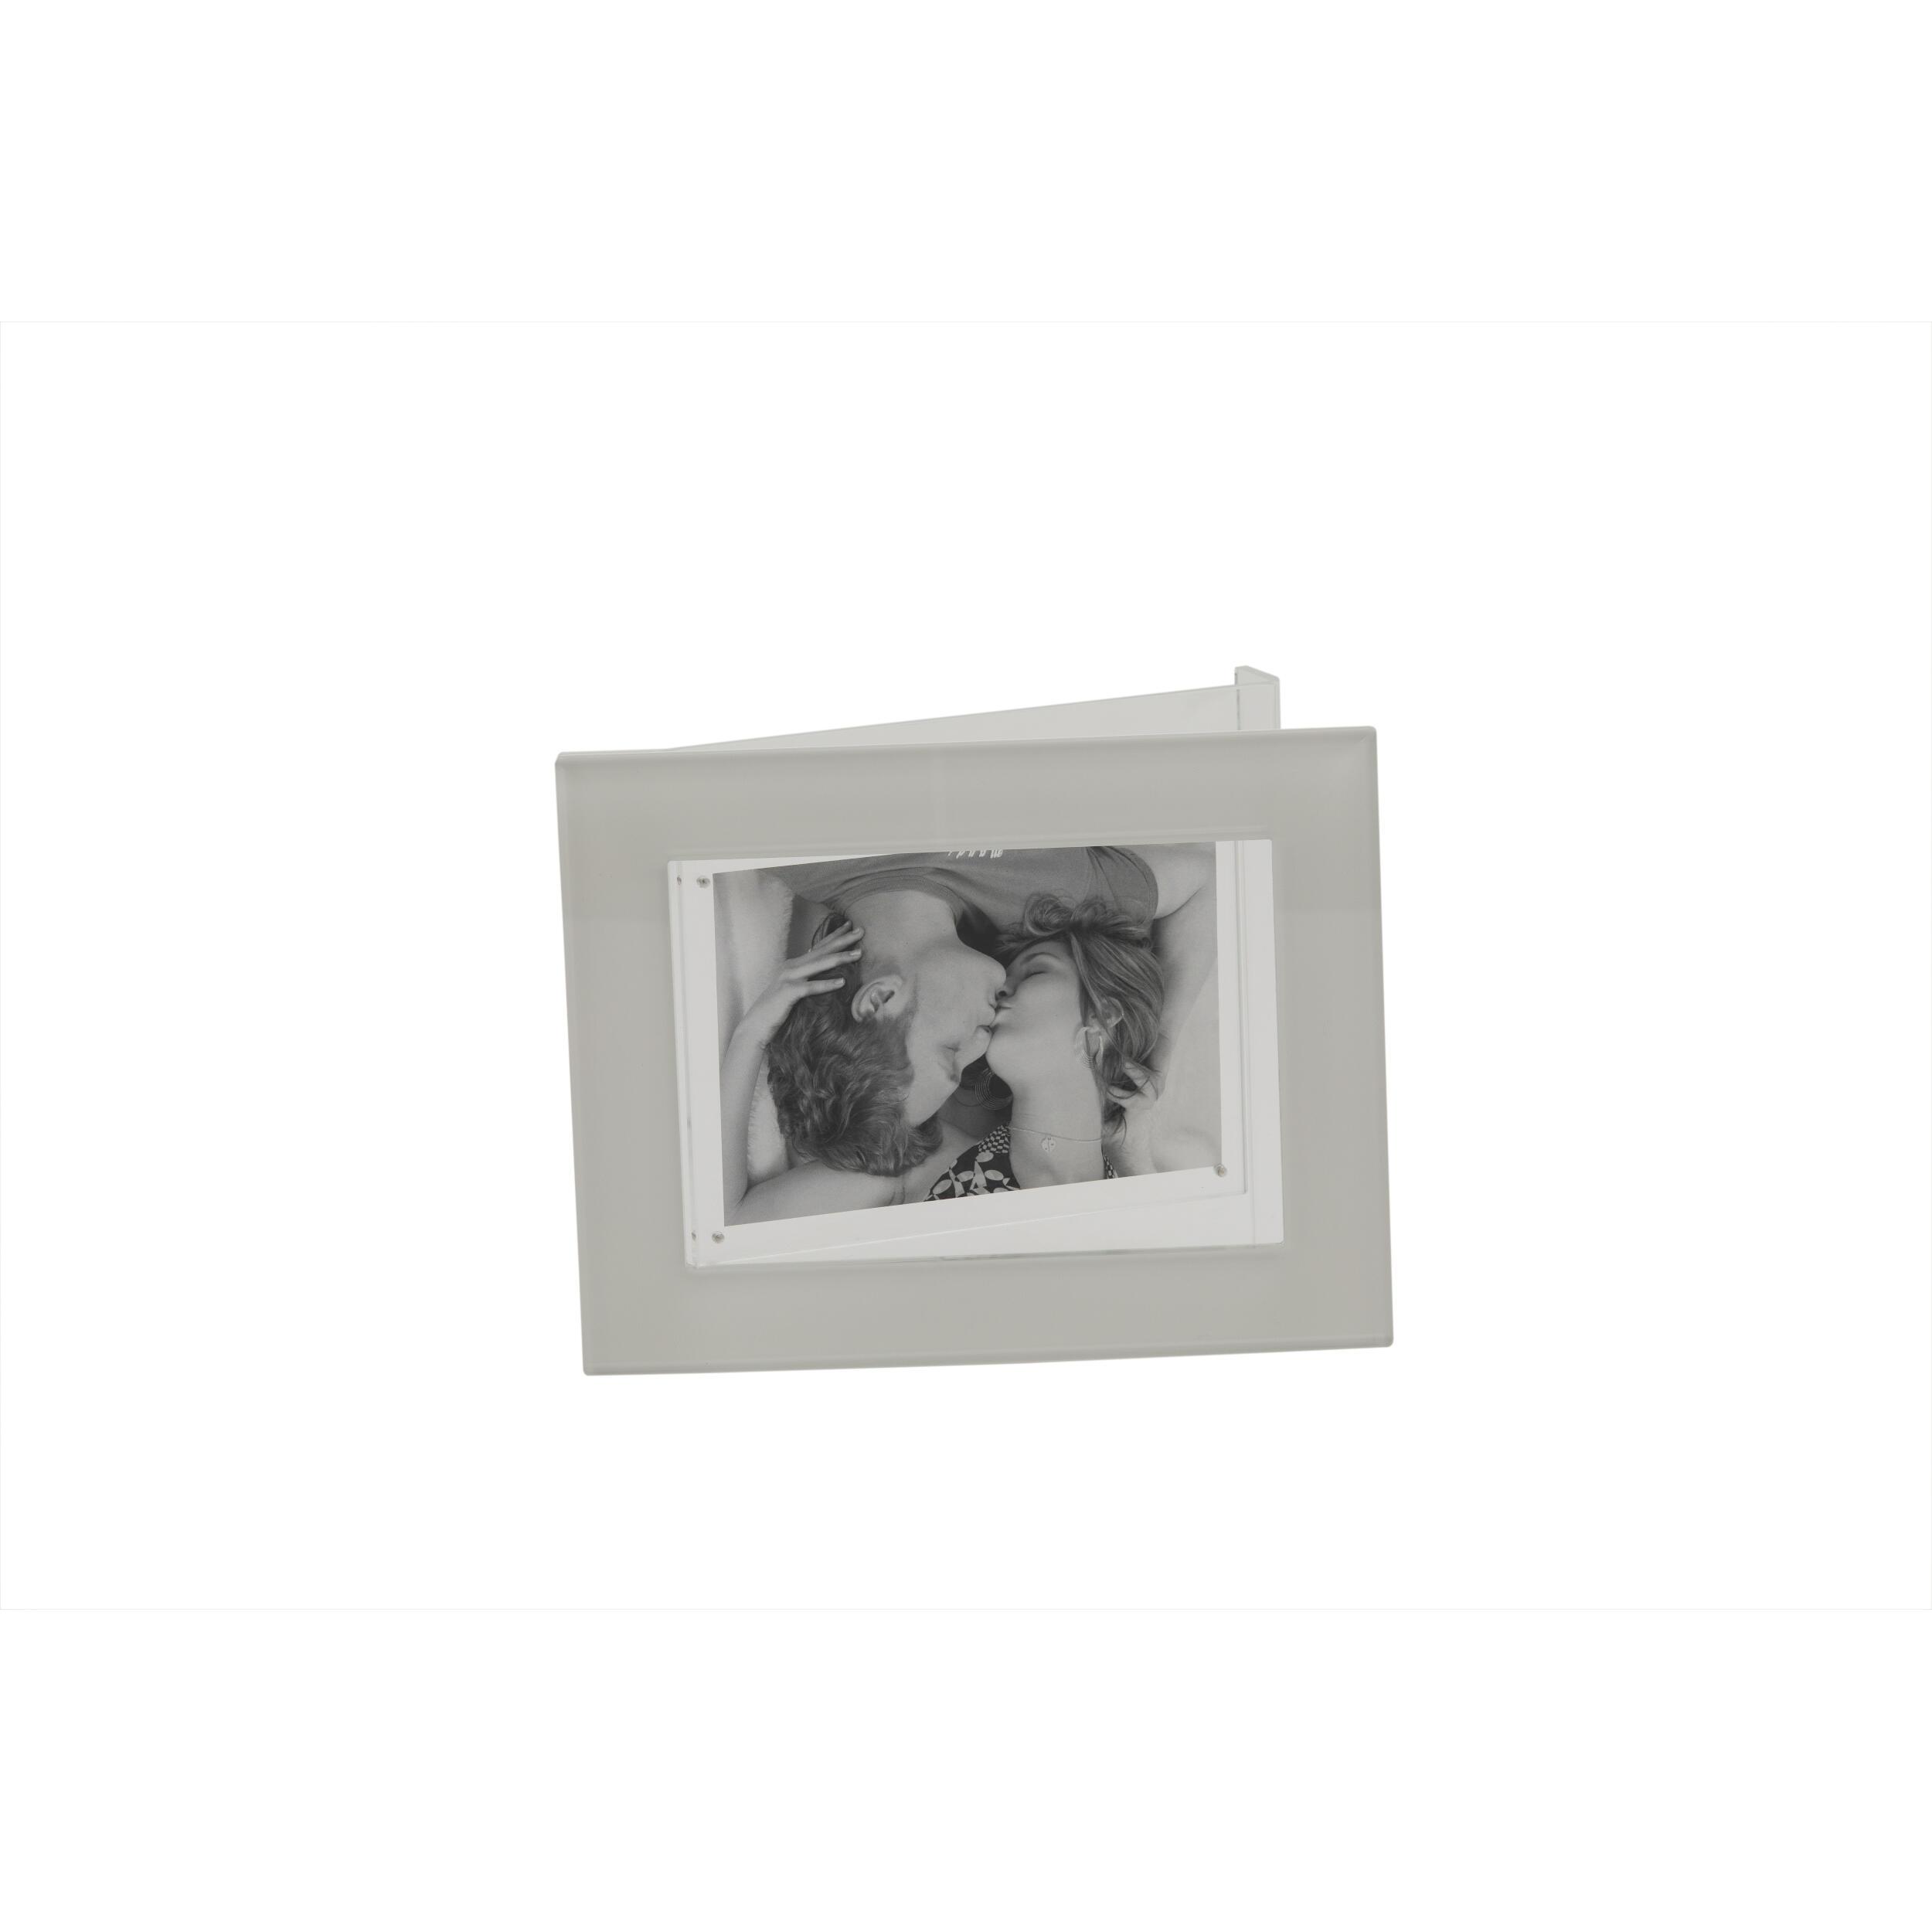 PORTA FOTO il plexiglas DORIDE dimensioni 17,5x8xh22,5 cm per foto 10x15 cm colore BIANCO